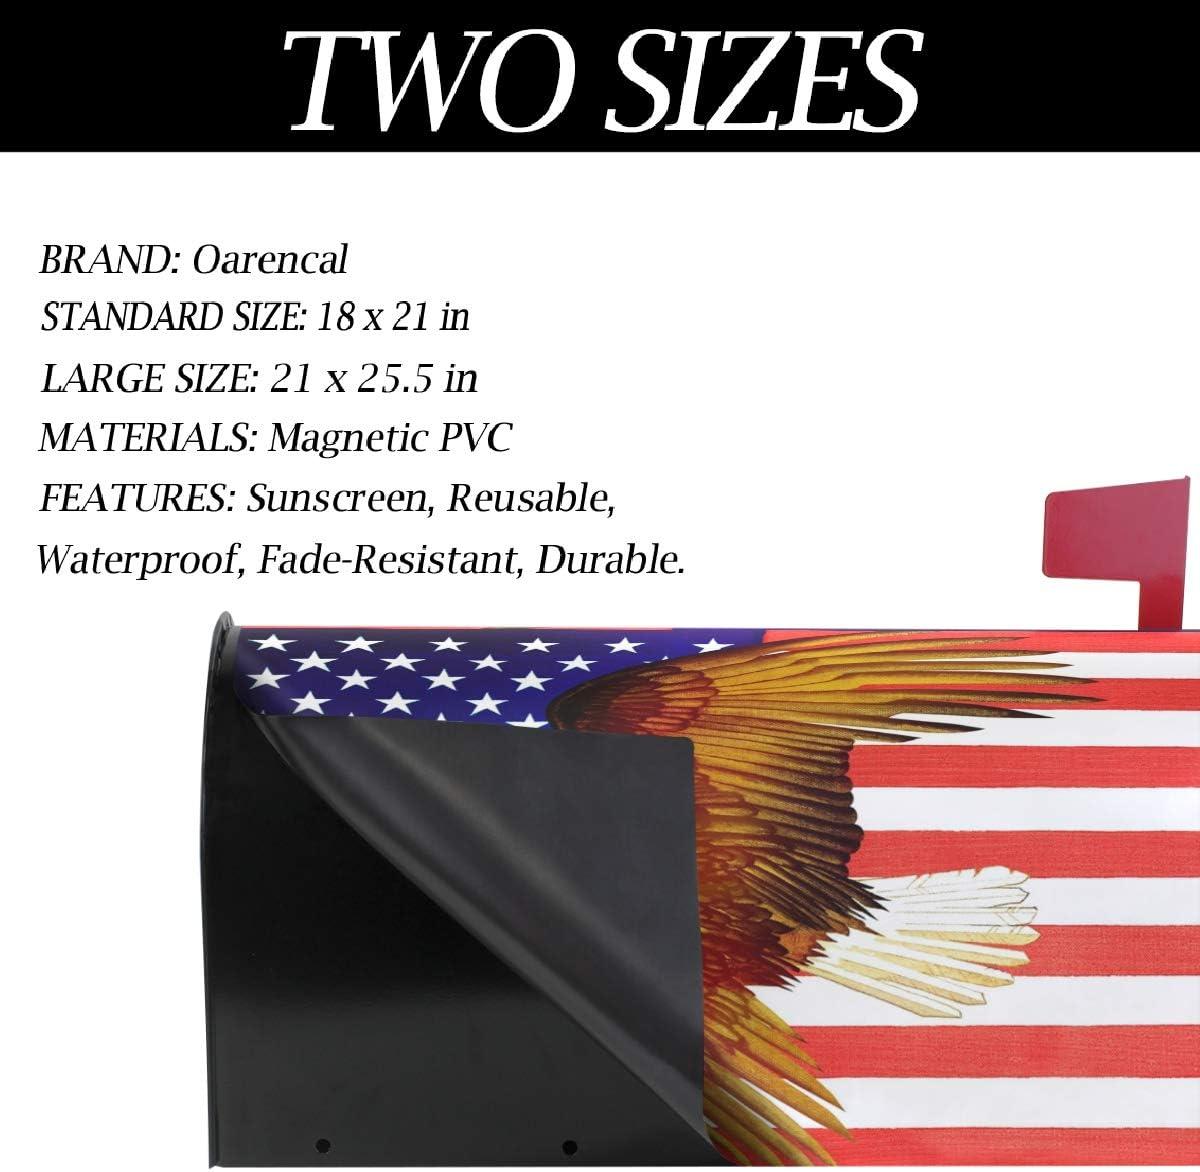 Oarencol Patriotique pygargue /à t/ête blanche avec drapeau am/éricain Vintage Couvertures de bo/îte aux lettres Magn/étique Grande taille 25,5 x 21 cm 18 X 21 multicolore